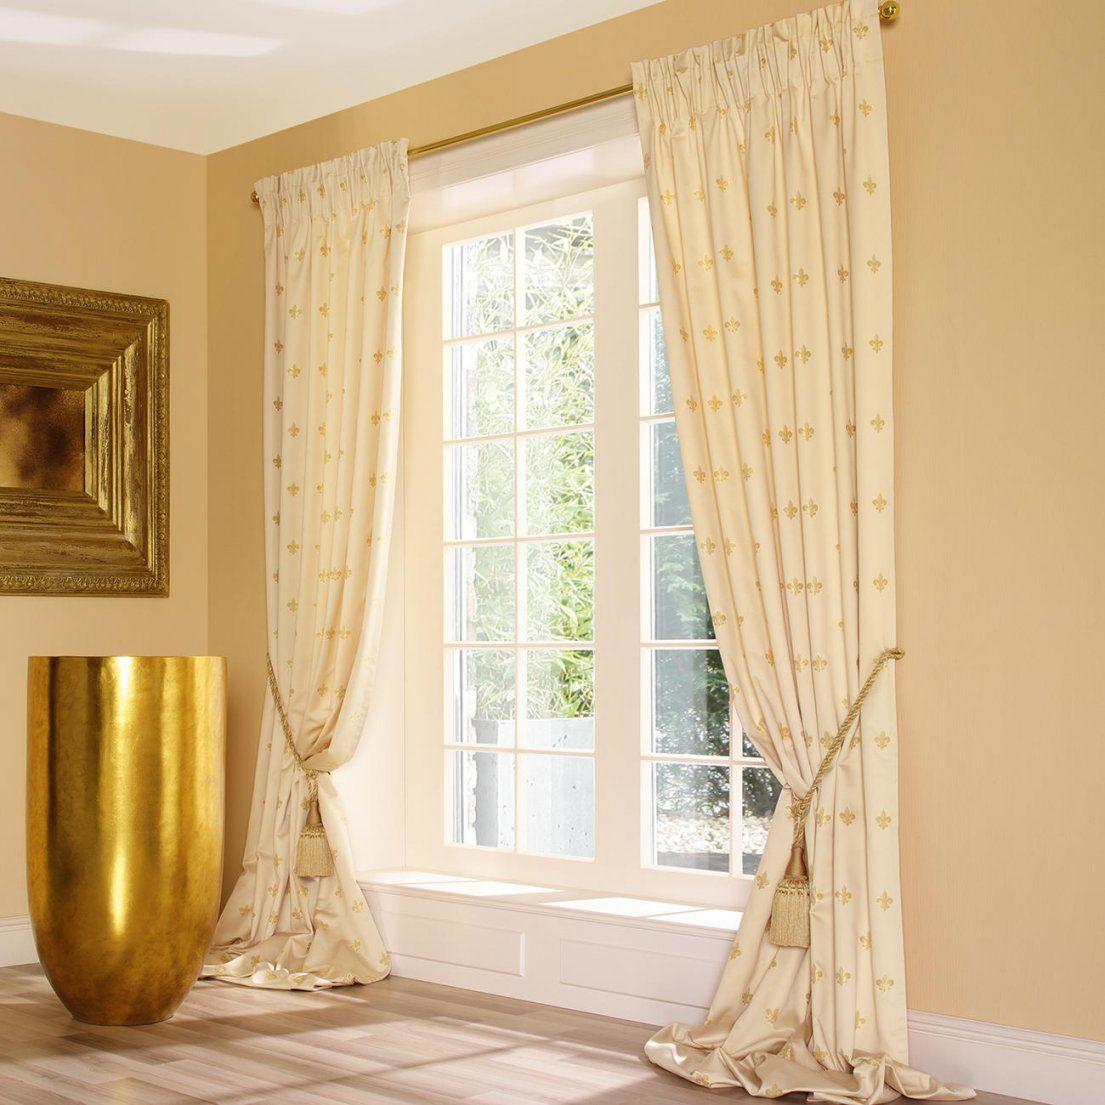 Vorhang Rufina  1 Stück  Vorhänge Kaufen  Das Kavaliershaus von Französische Gardinen Vorhänge Photo